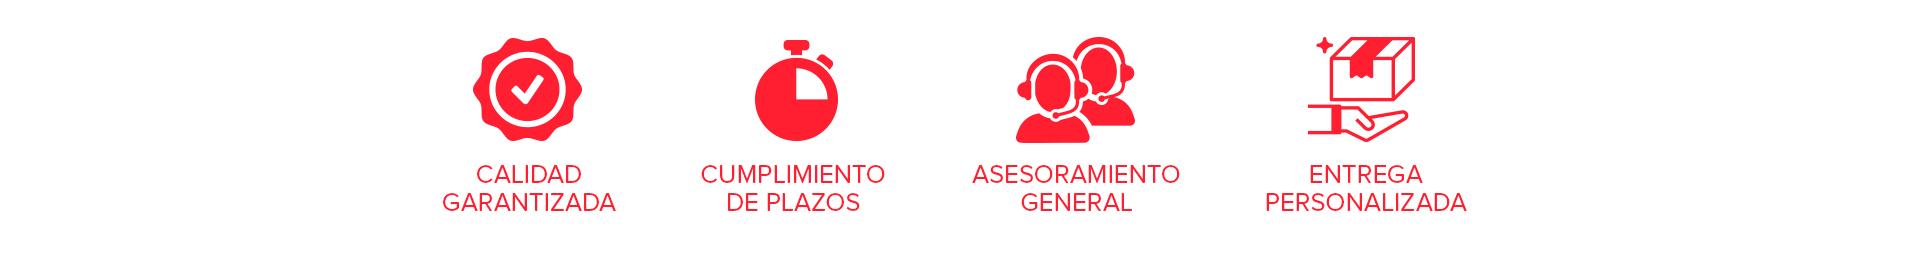 00-web-CN-Nosotros-iconos-01.jpg